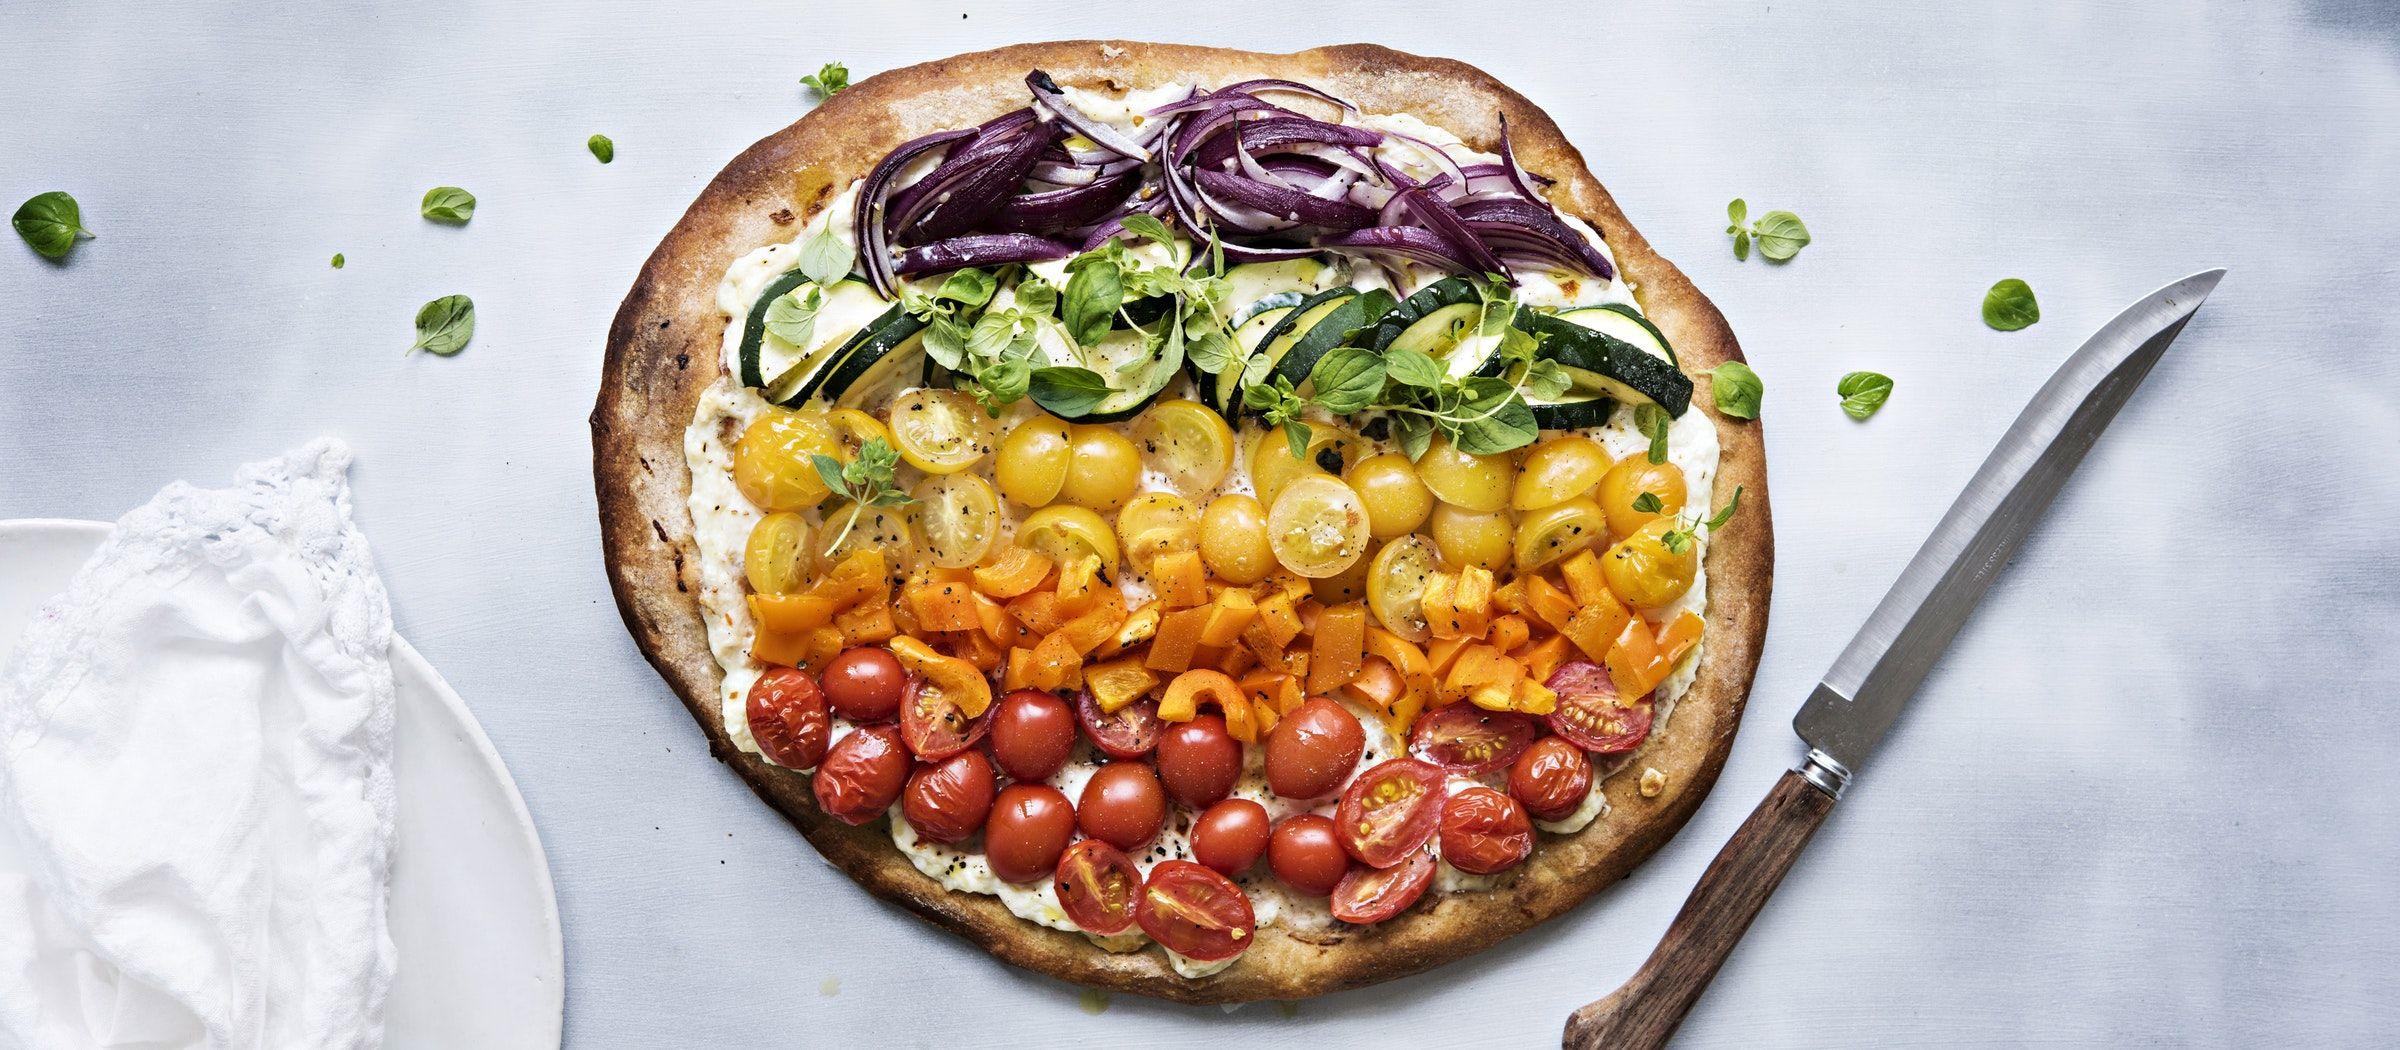 Värikkäistä kasviksista syntyy hauska sateenkaaripizza, kun asettelet ne ratoina ricottajuusto-mozzarellaseoksella sivellyn pizzan päälle.